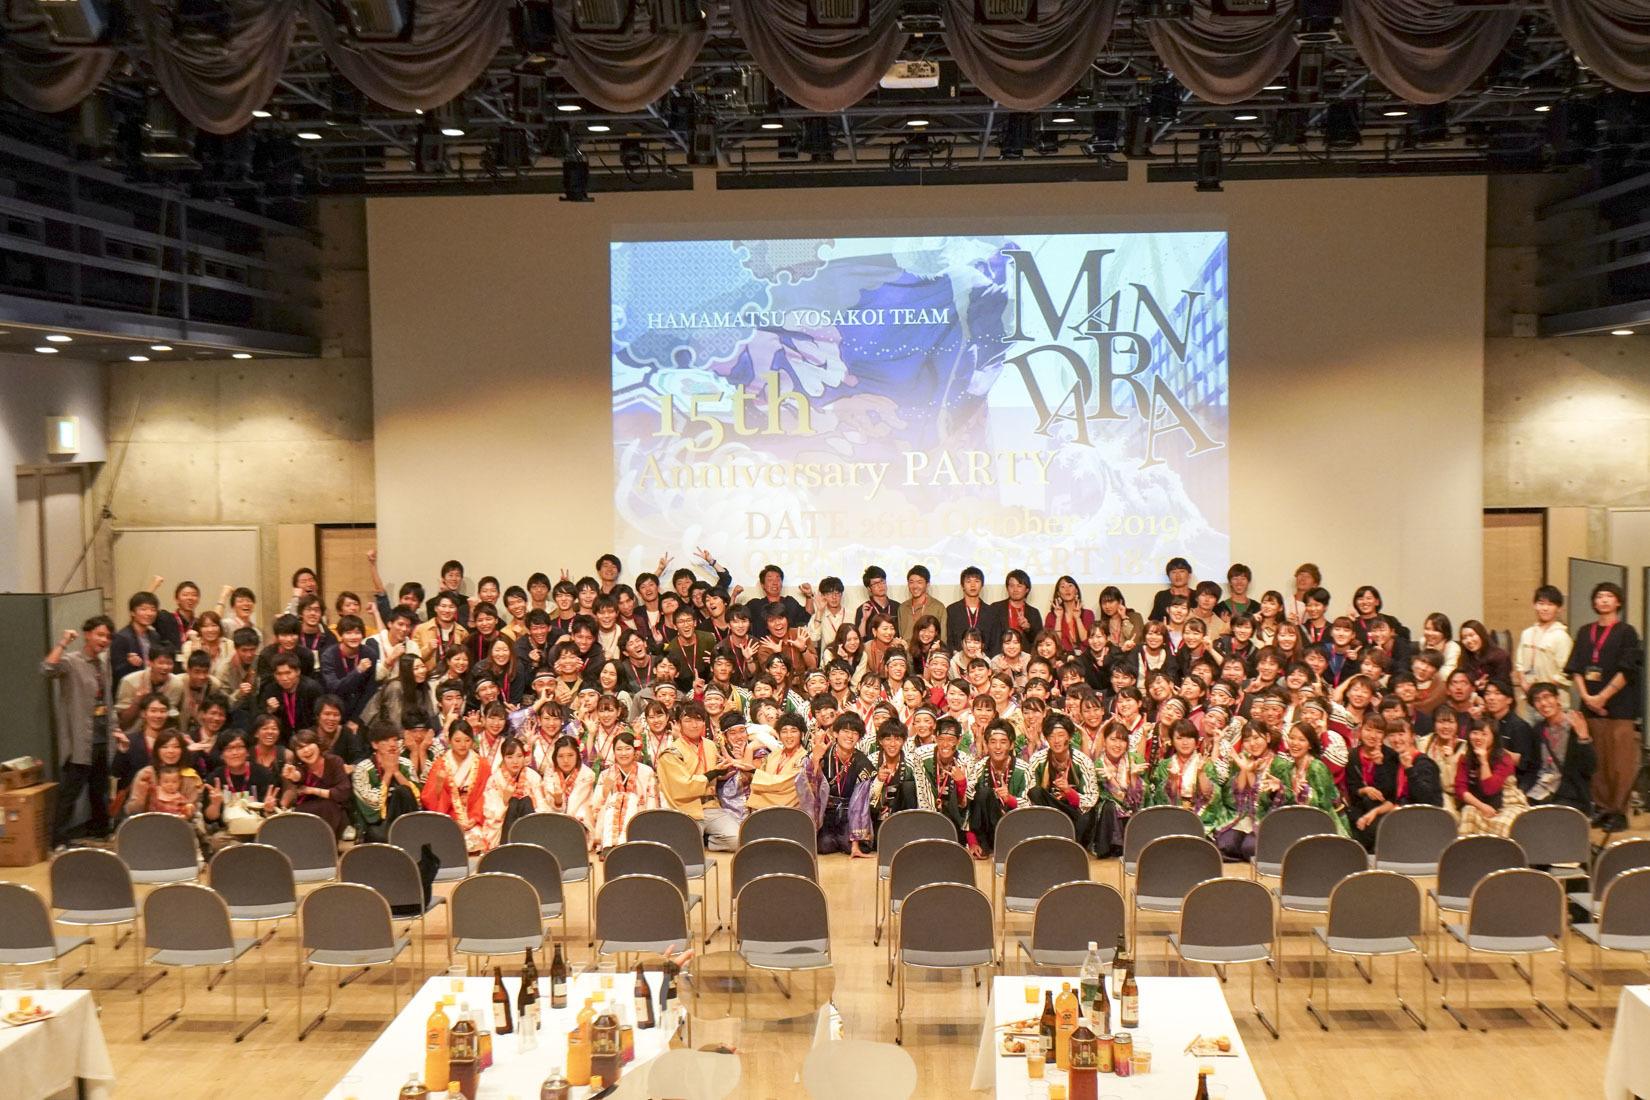 浜松学生連『鰻陀羅』15周年記念パーティー_f0184198_03053020.jpg